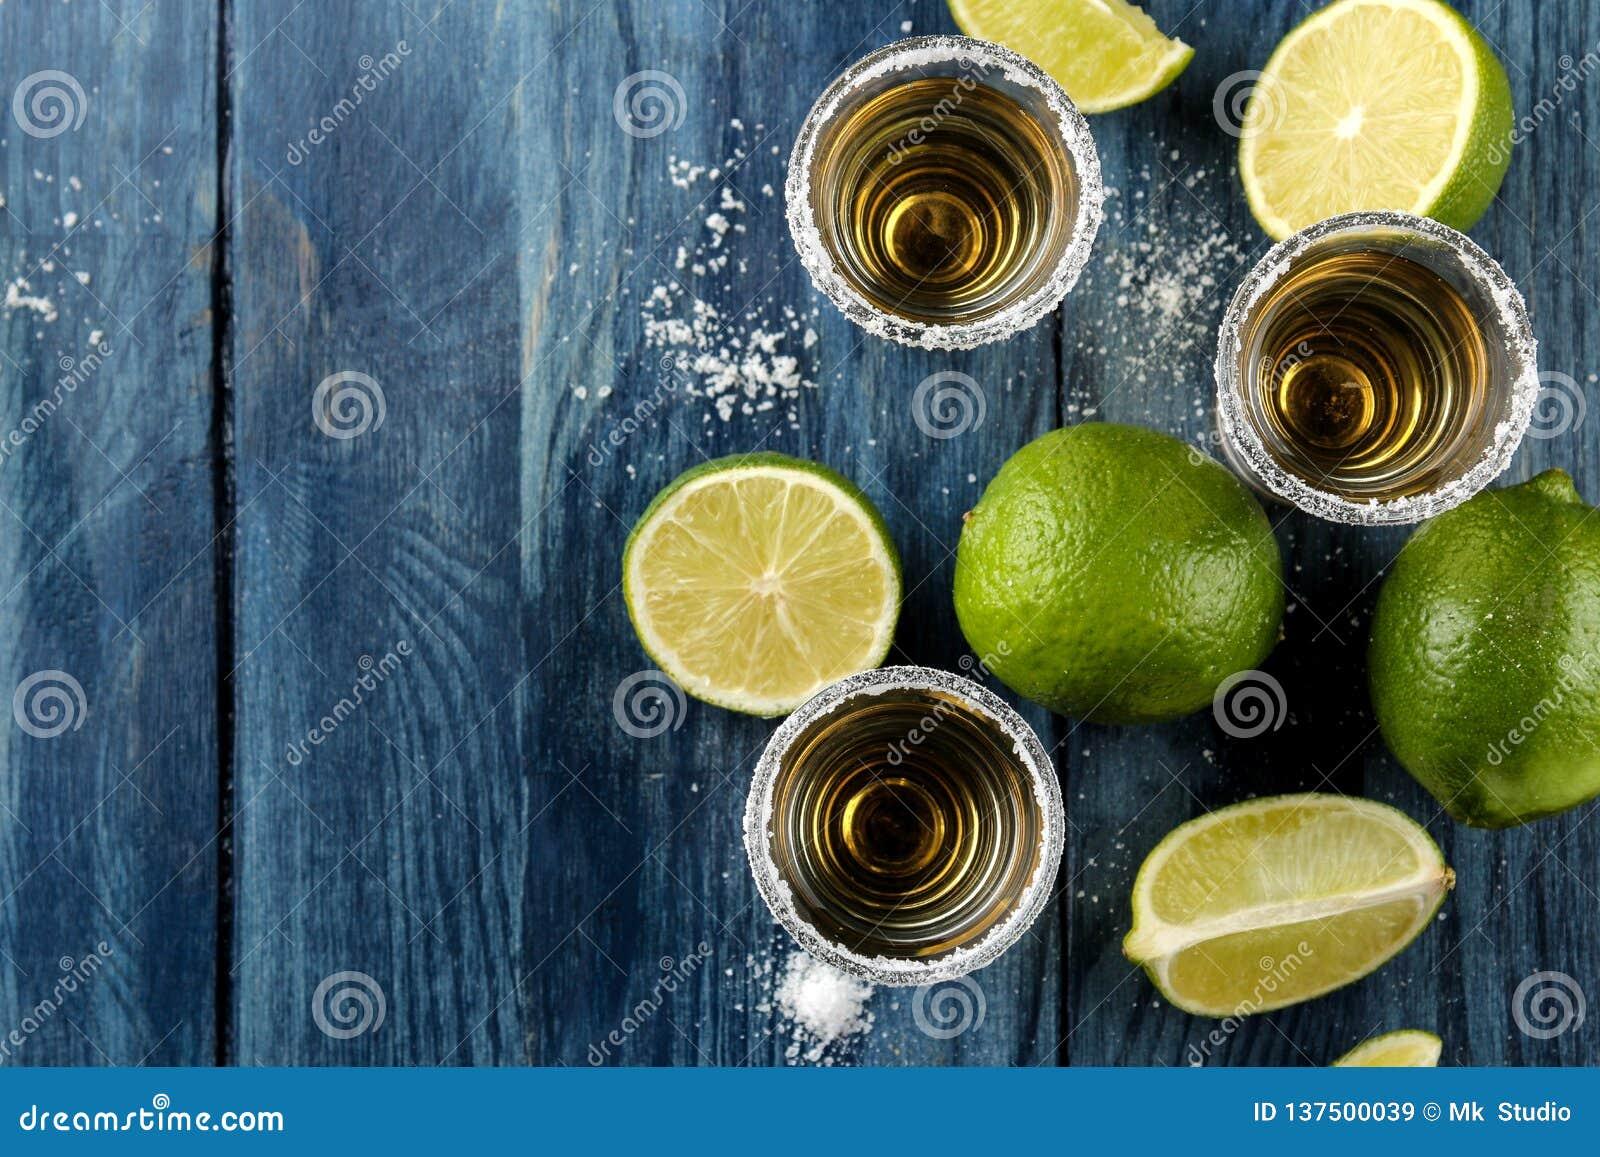 Goldtequila in Glas/Glas mit Salz und Kalk auf einem blauen hölzernen Hintergrund Stab Alkoholische Getränke Ansicht von oben Mit